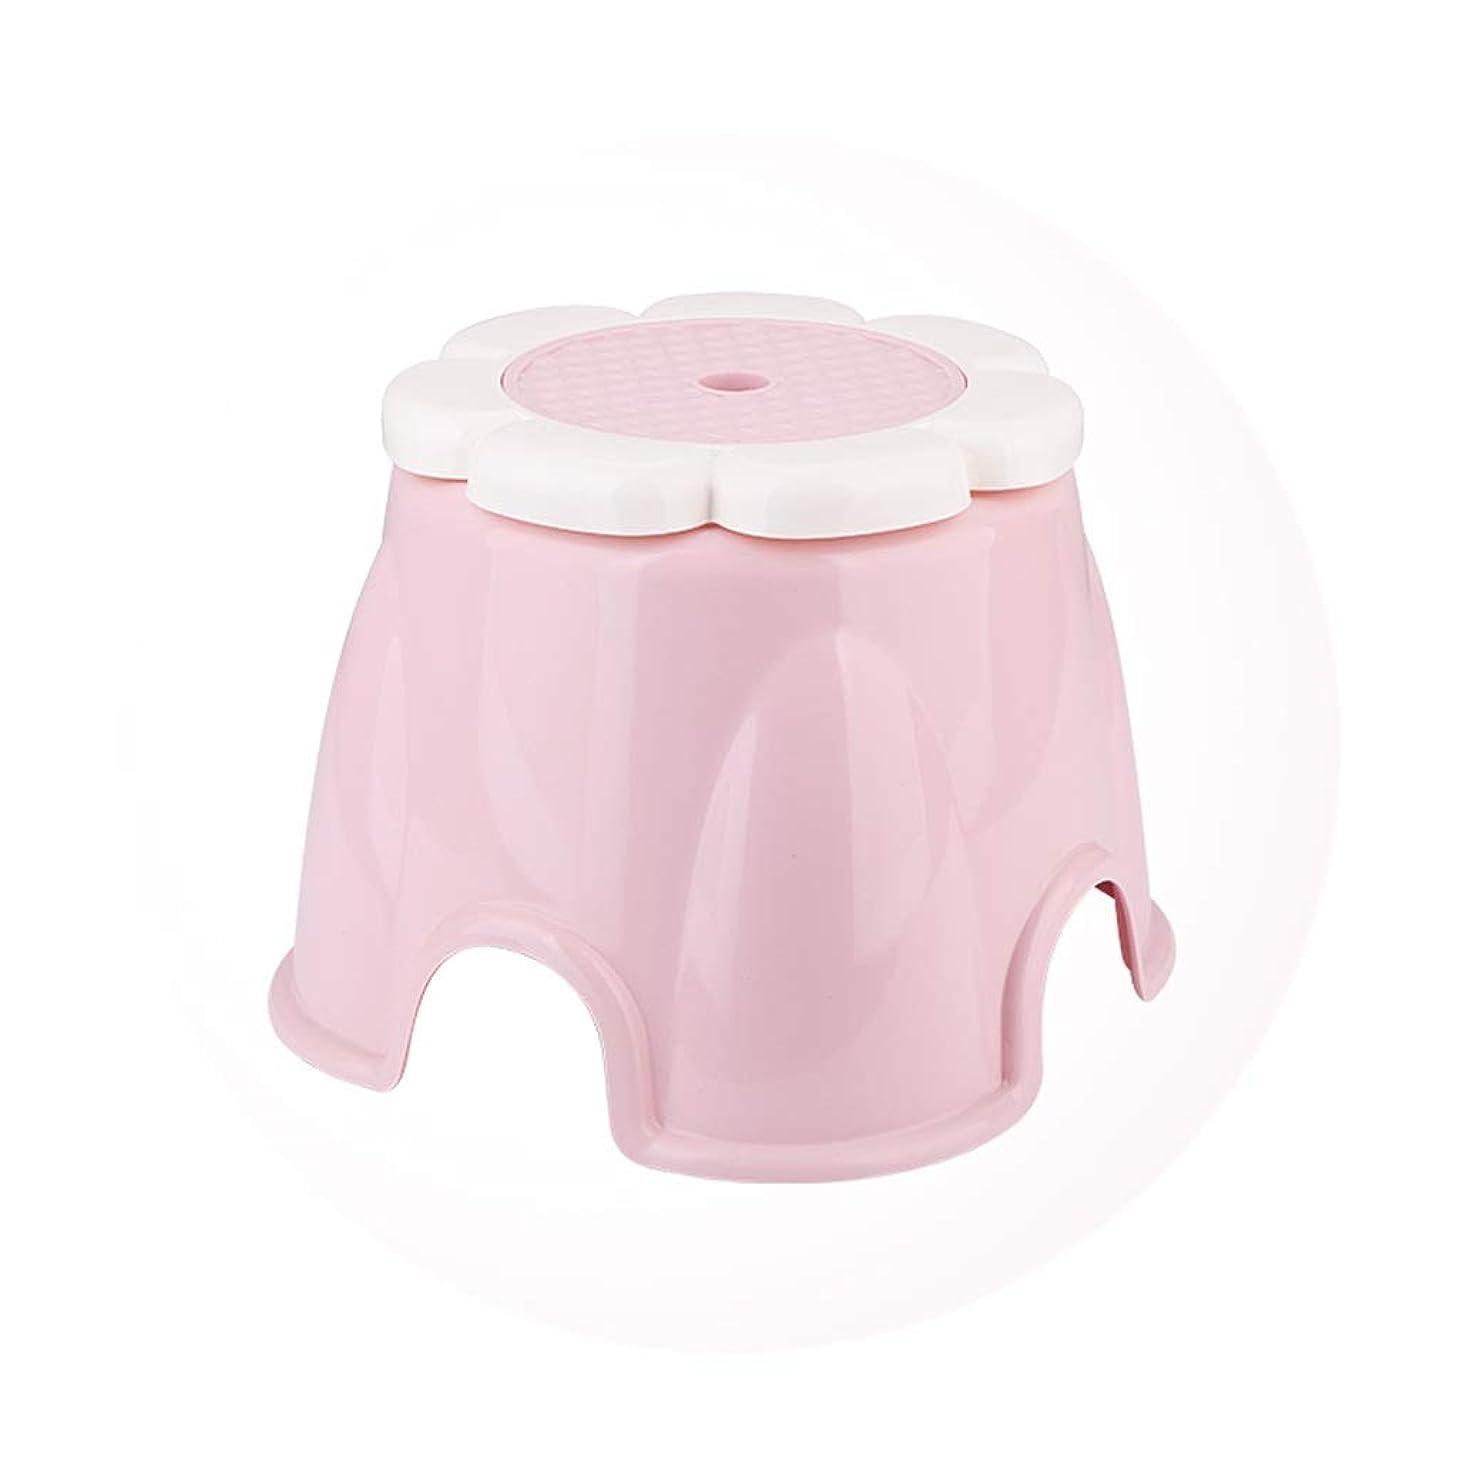 音声対抗デコラティブSGLI 子供たちは厚いプラスチックスツール、小さなベンチスリップ浴室の家のリビングルームスツールは彼の靴を変えます (Color : Pink)